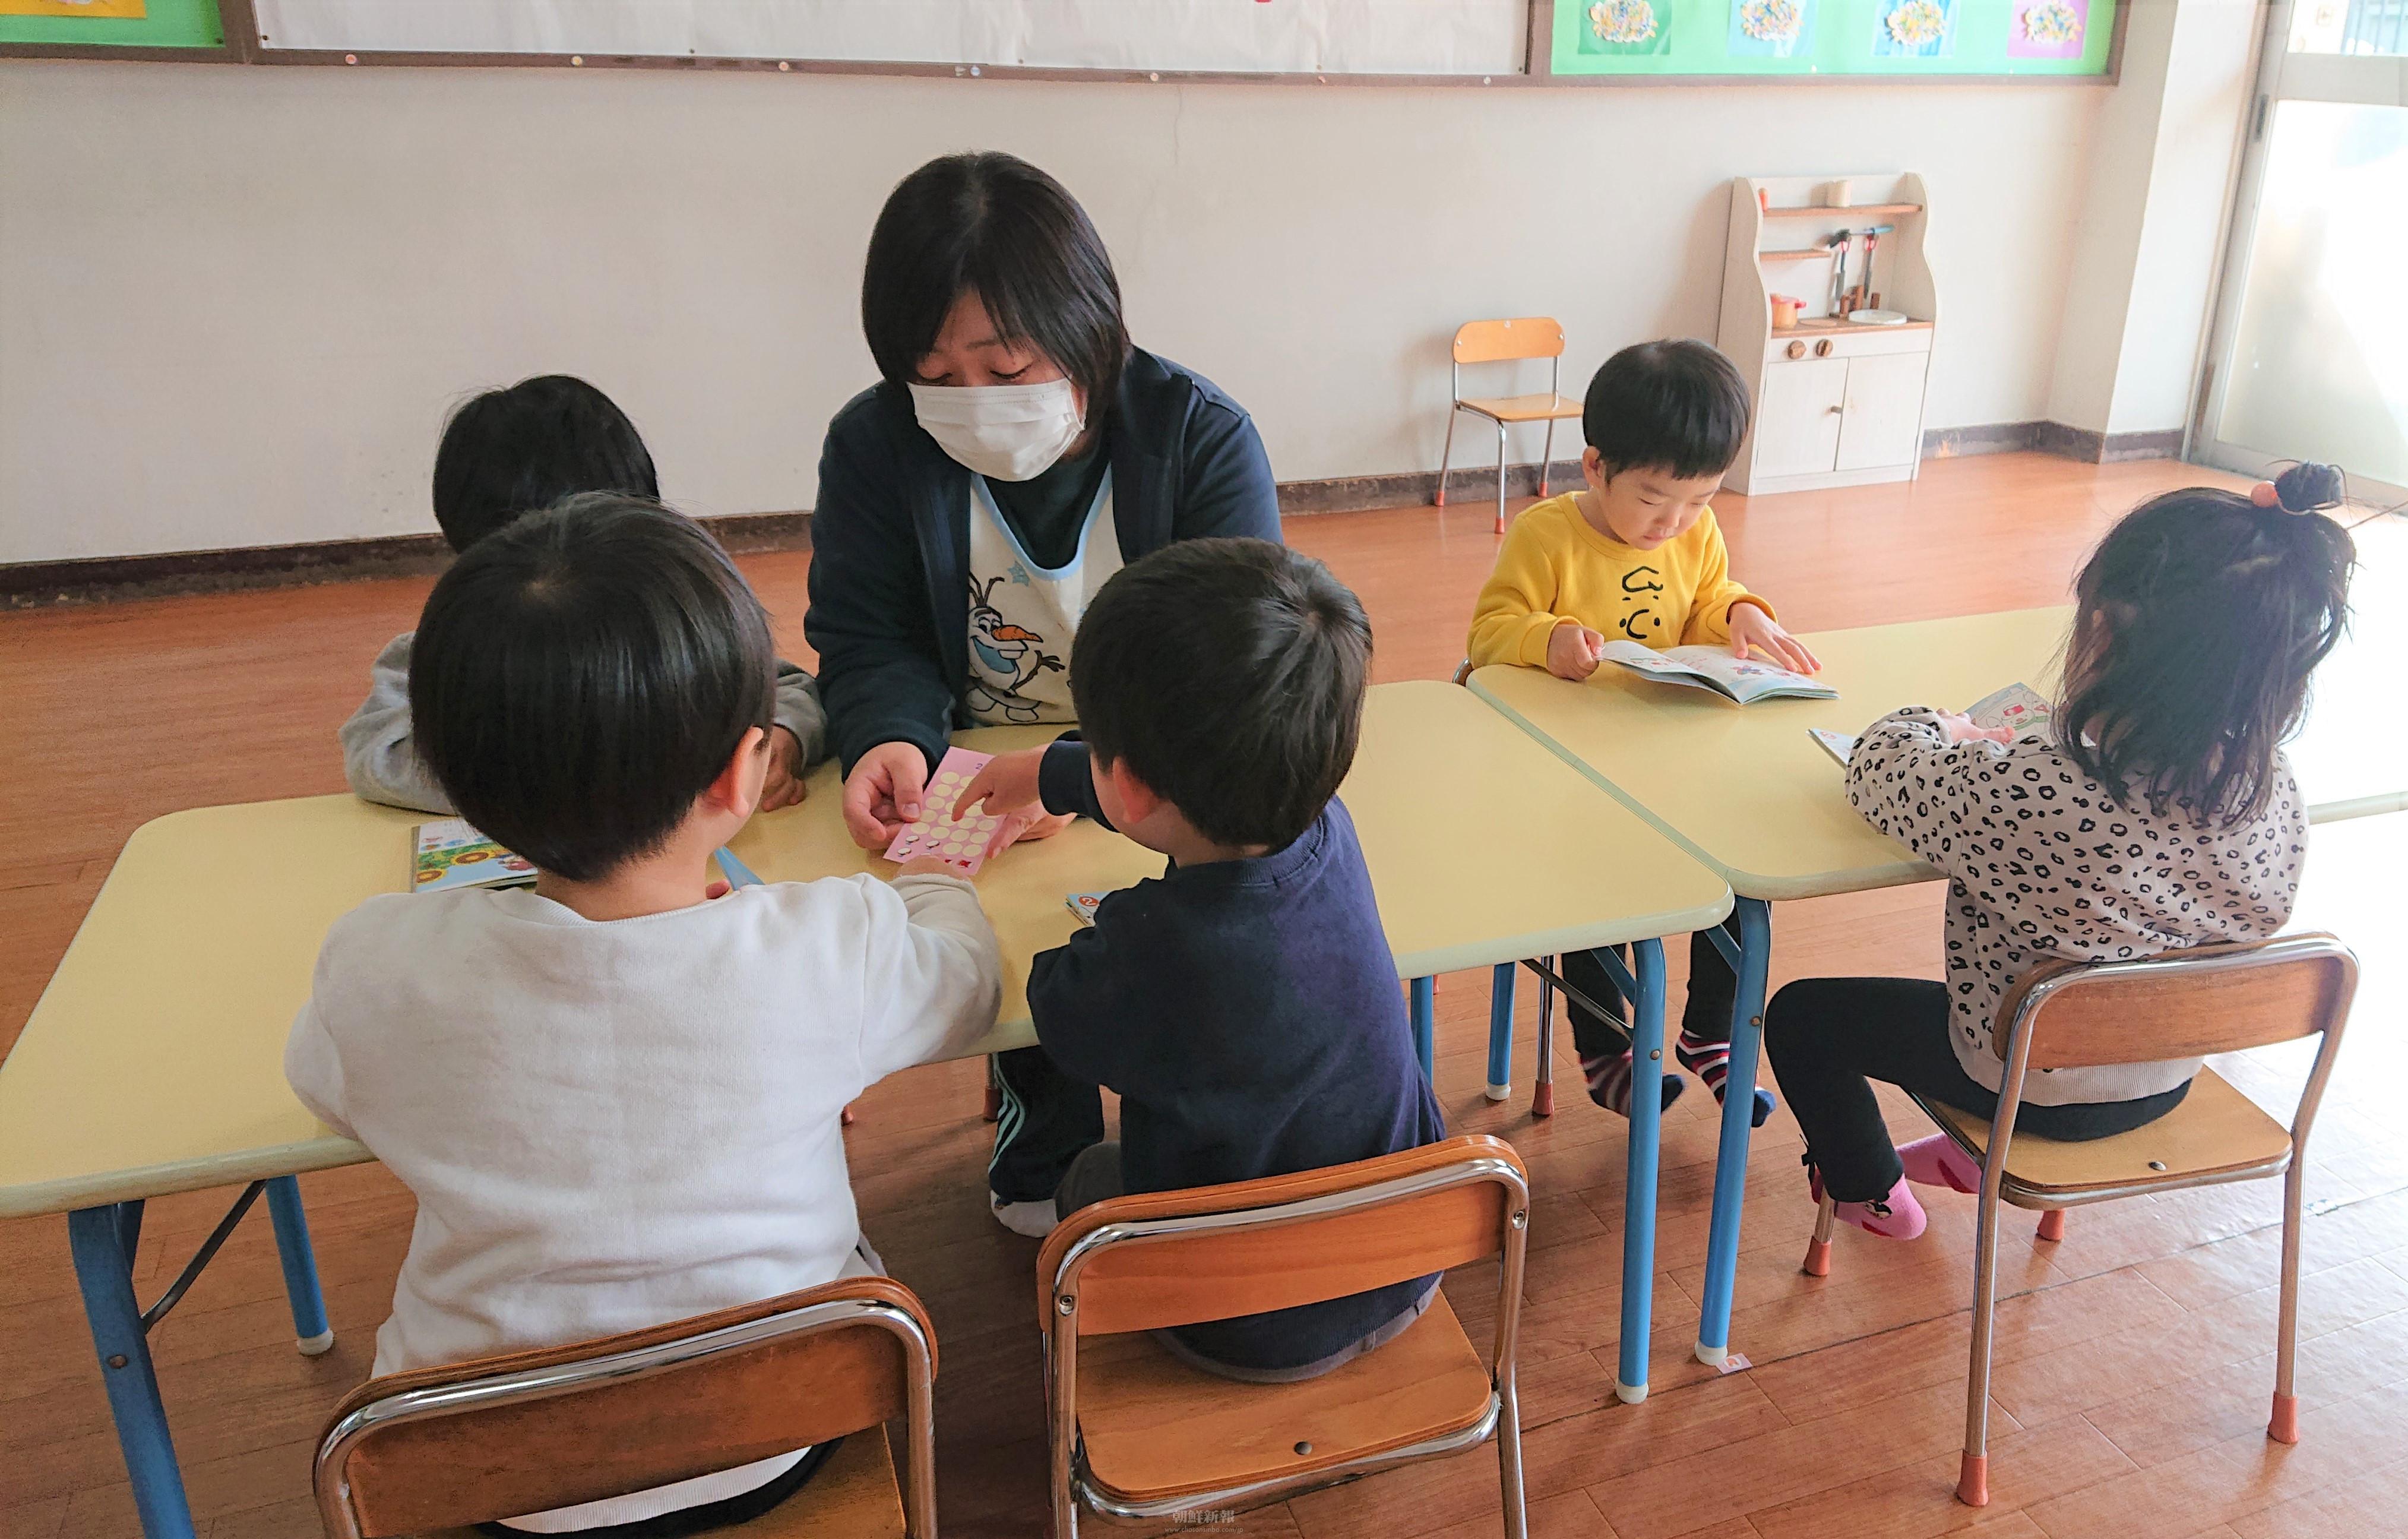 各地の朝鮮幼稚班教員らが保育士資格を取得/子どもたちの明るい未来のために